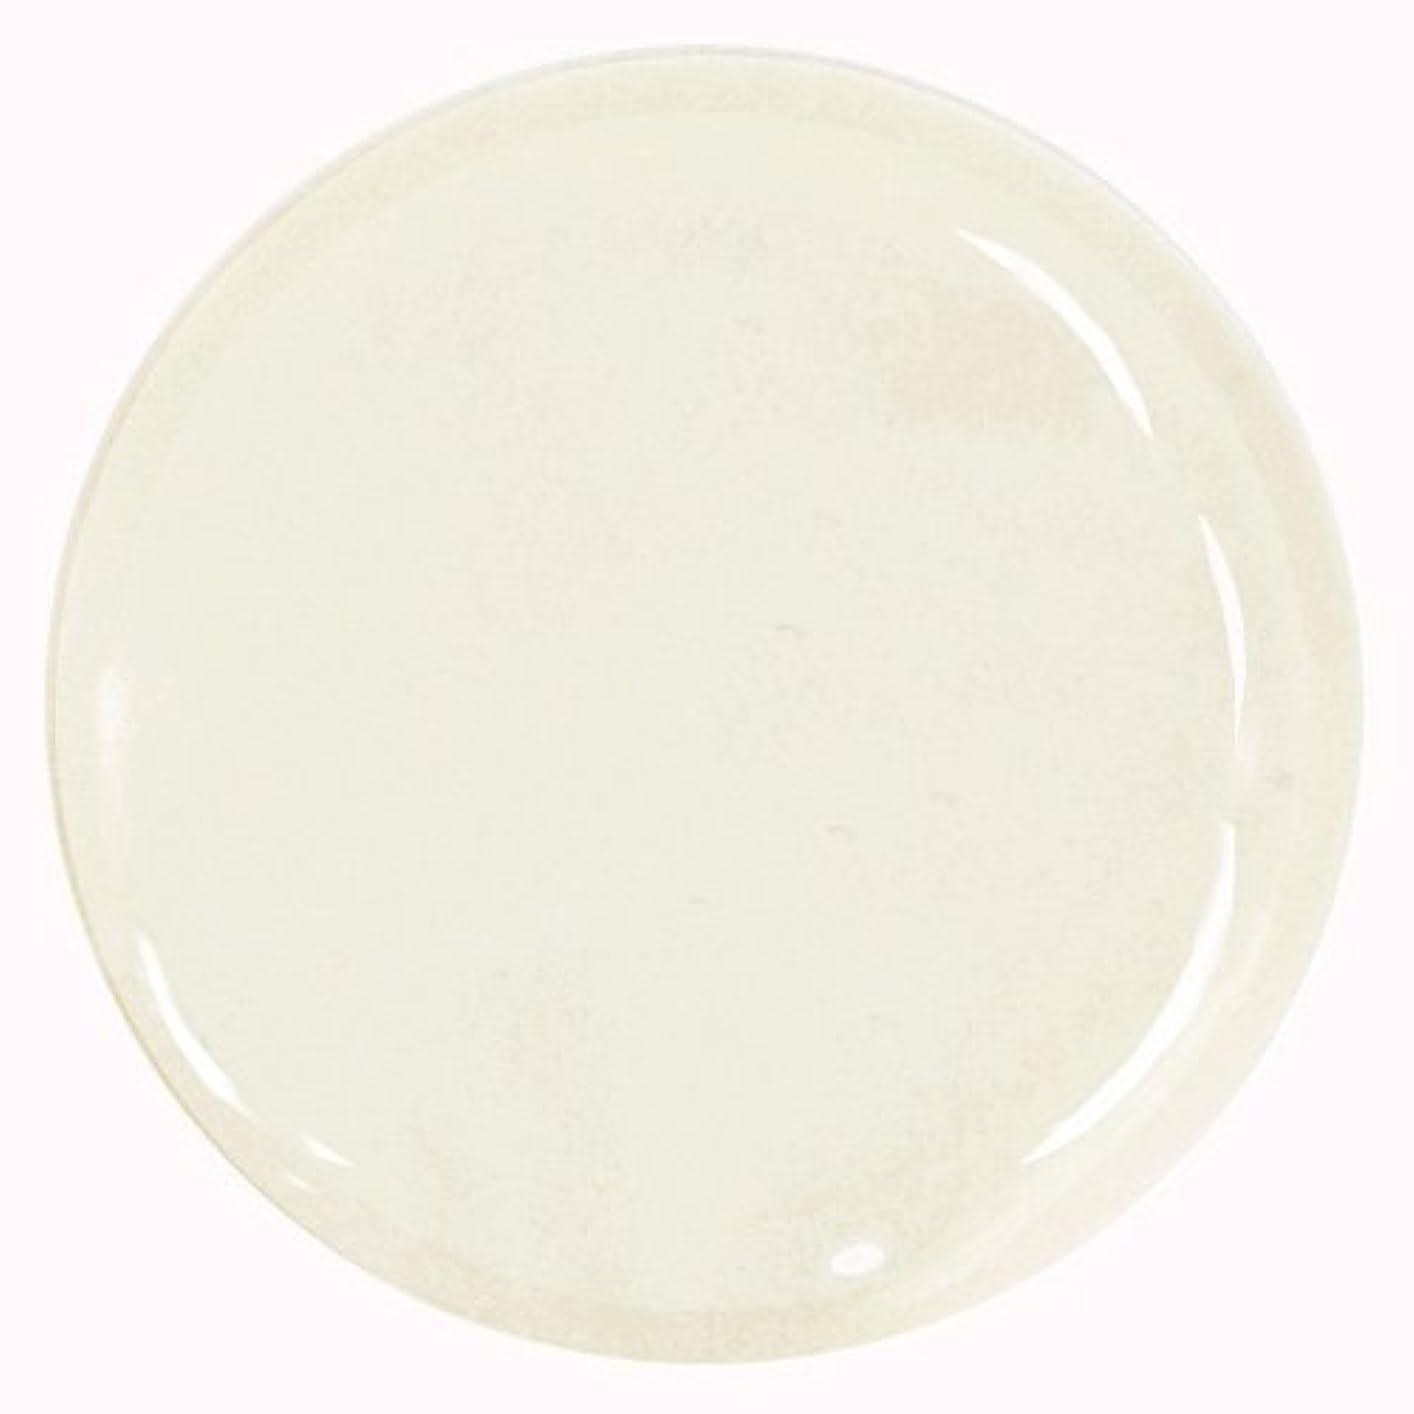 前者覗くフェローシップクリアジェル ソークオフジェル(3in1ソフトジェル)LED/UV 5g NC000